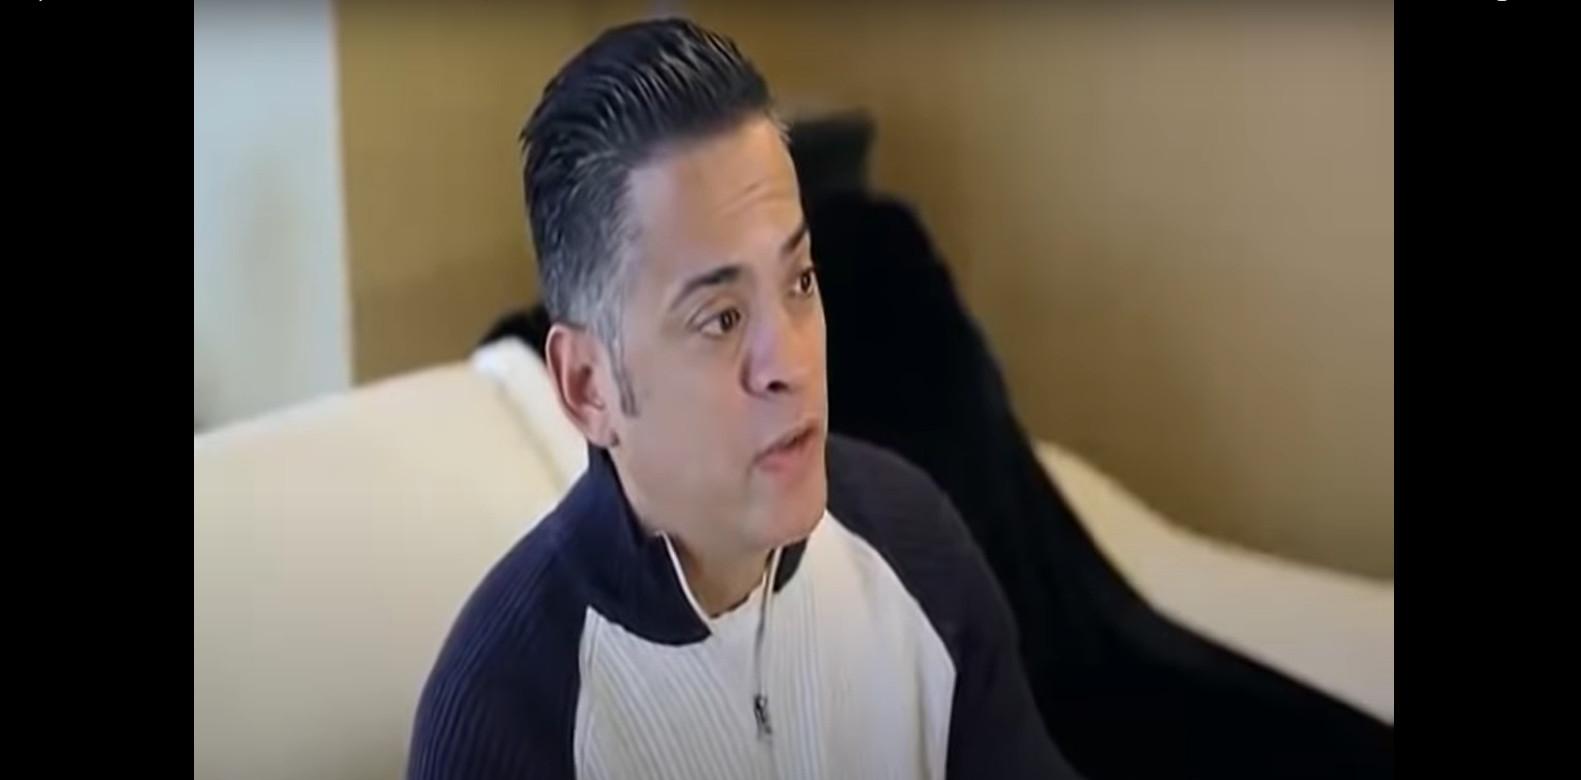 John Ramirez sauvé de l'enfer par Jésus Christ